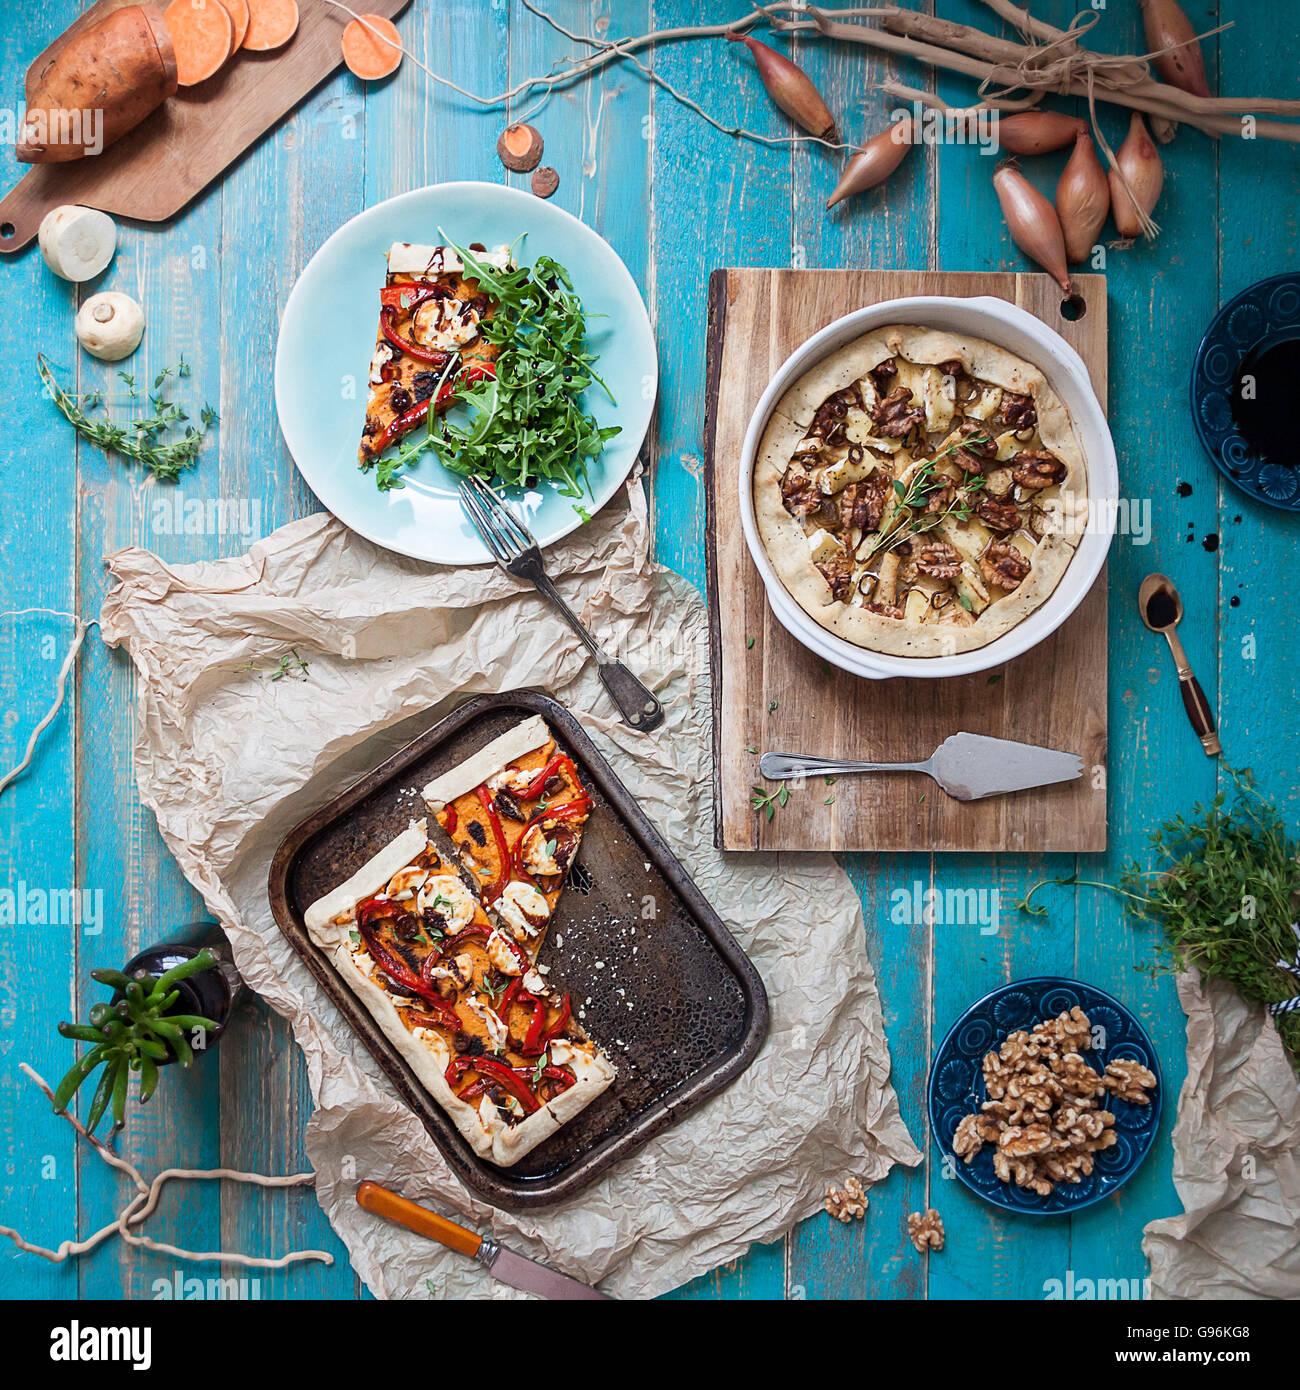 Table-top vue flottante de savoureux plats végétariens tartes et divers ingrédients Photo Stock